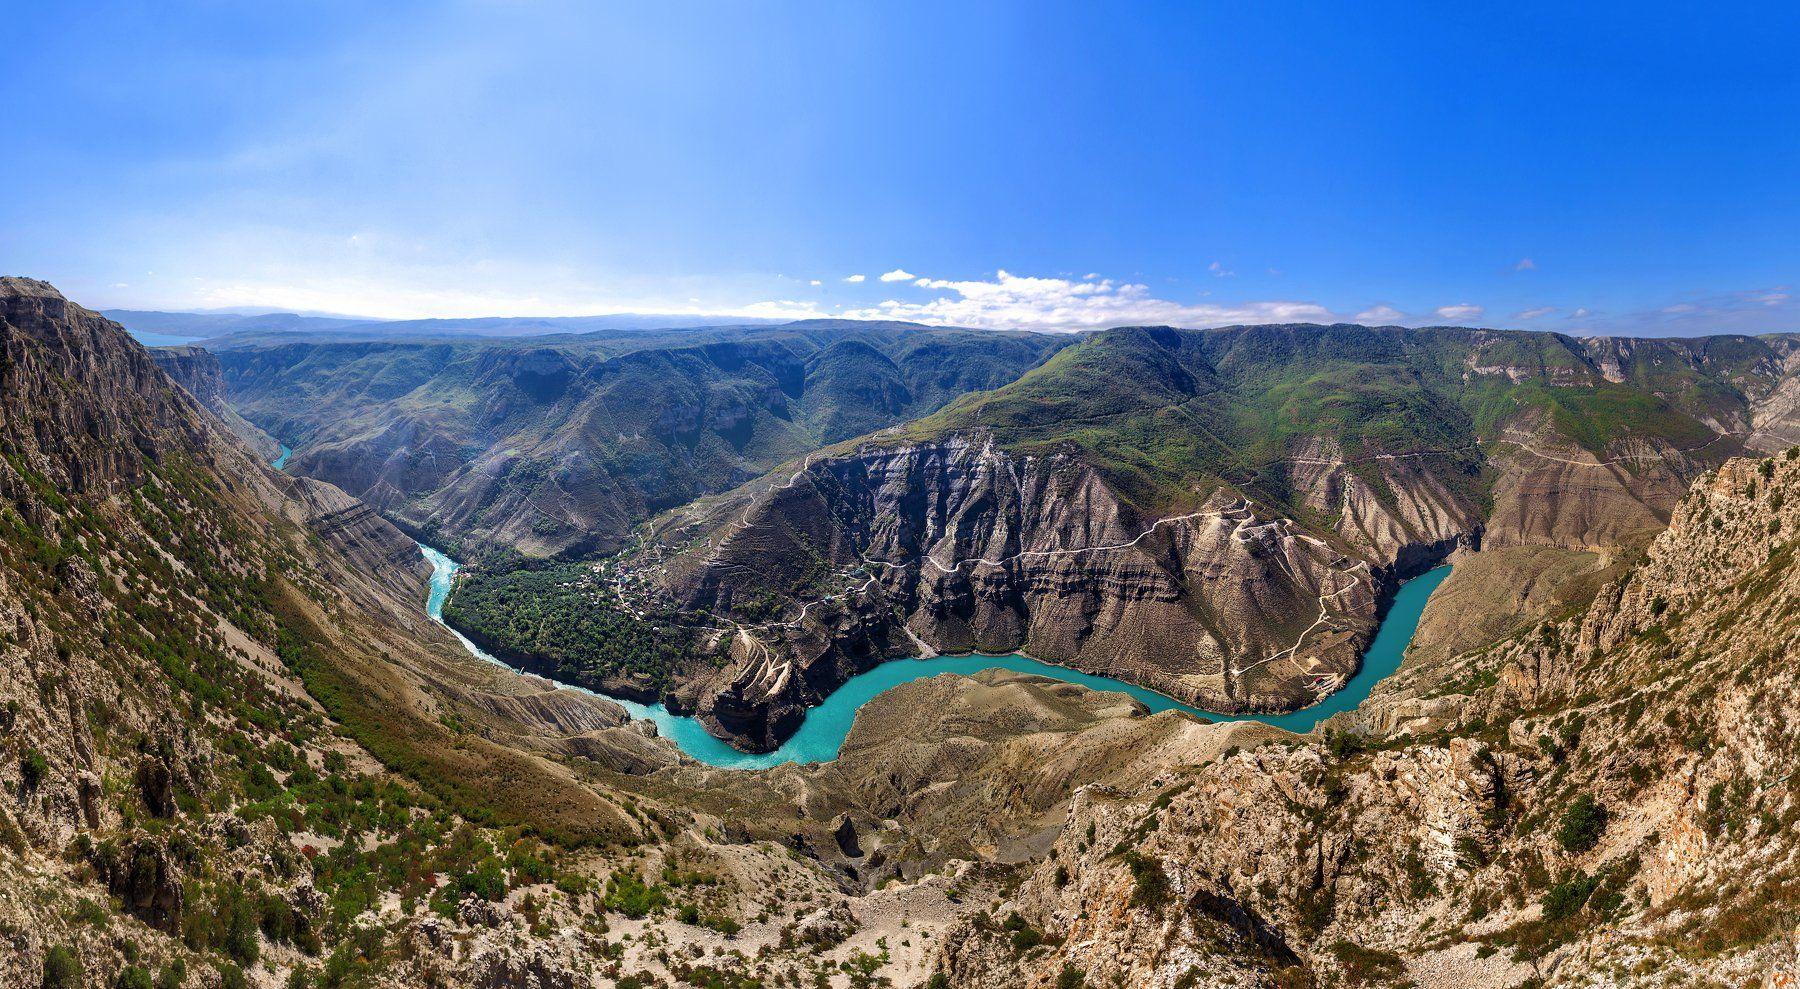 Горы, Сулак, каньон, Дагестан, река, Панорама, VyacheslavLin Vyacheslav